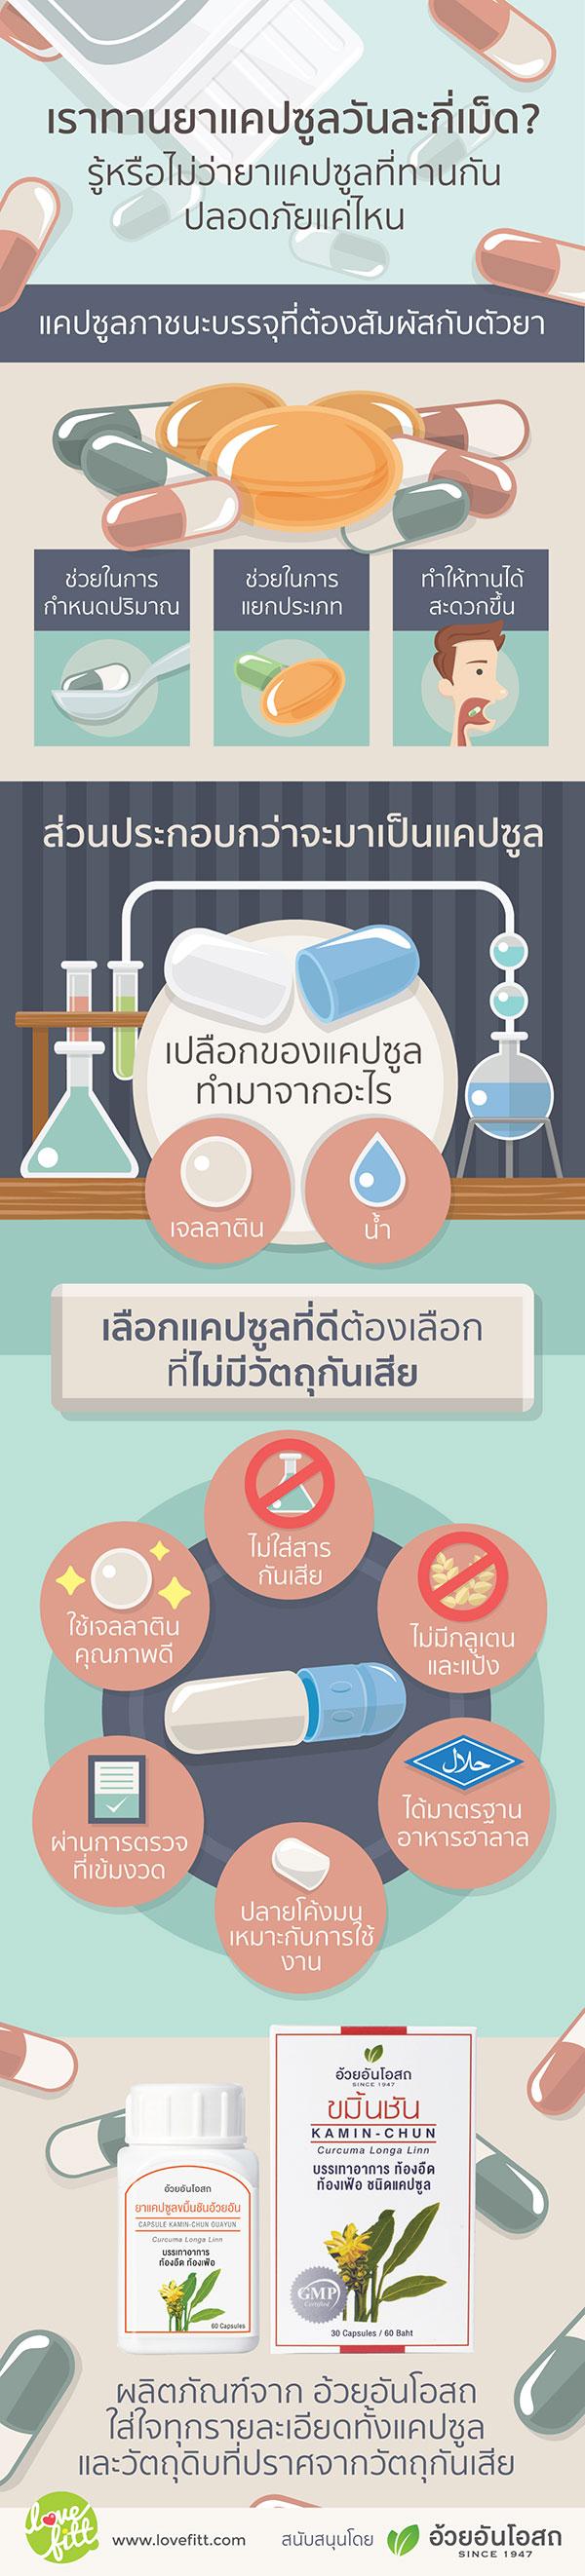 เราทานยาแคปซูลวันละกี่เม็ด รู้หรือไม่ว่ายาแคปซูลที่ทานกันปลอดภัยแค่ไหน